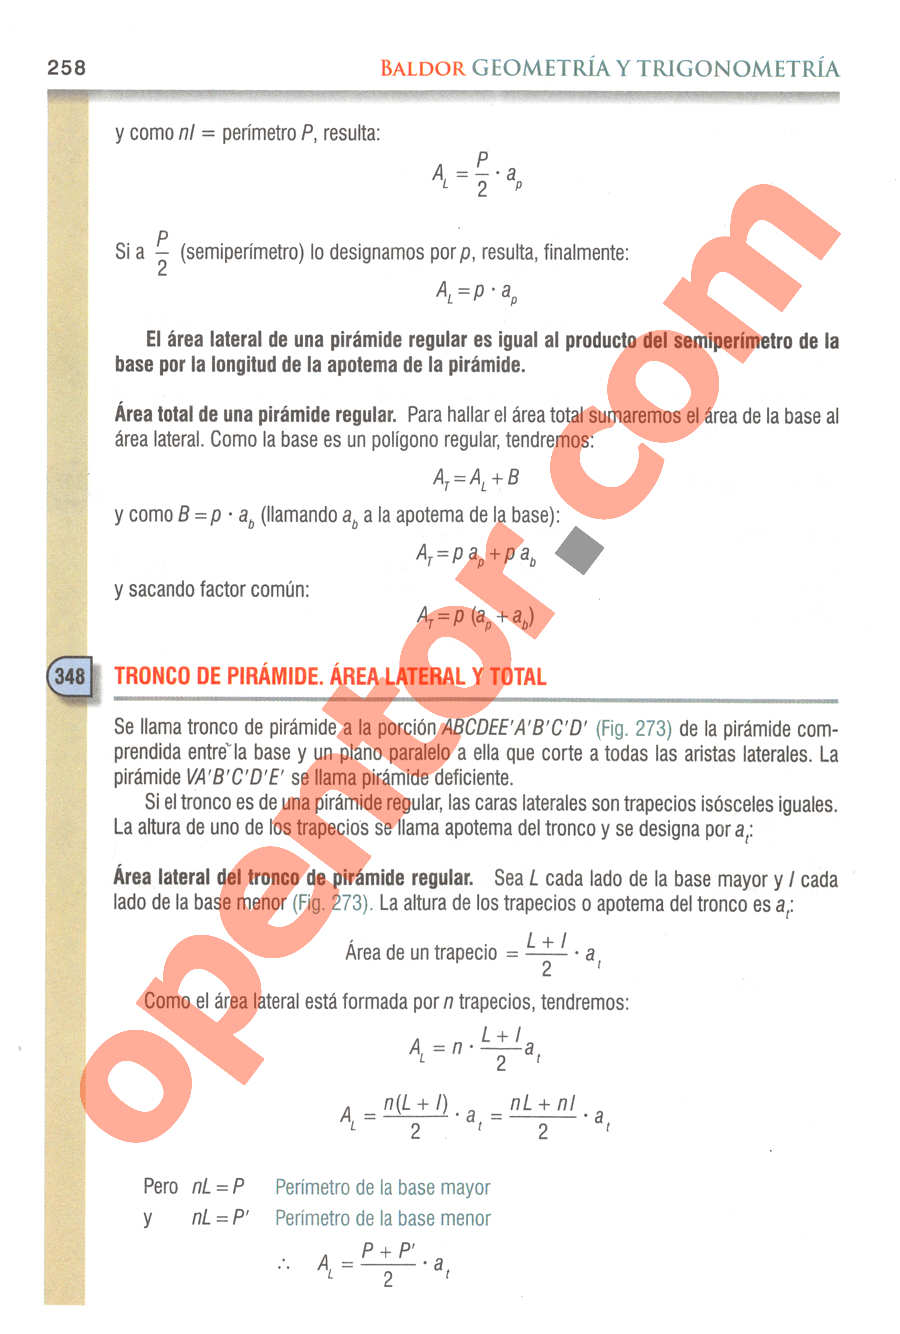 Geometría y Trigonometría de Baldor - Página 258